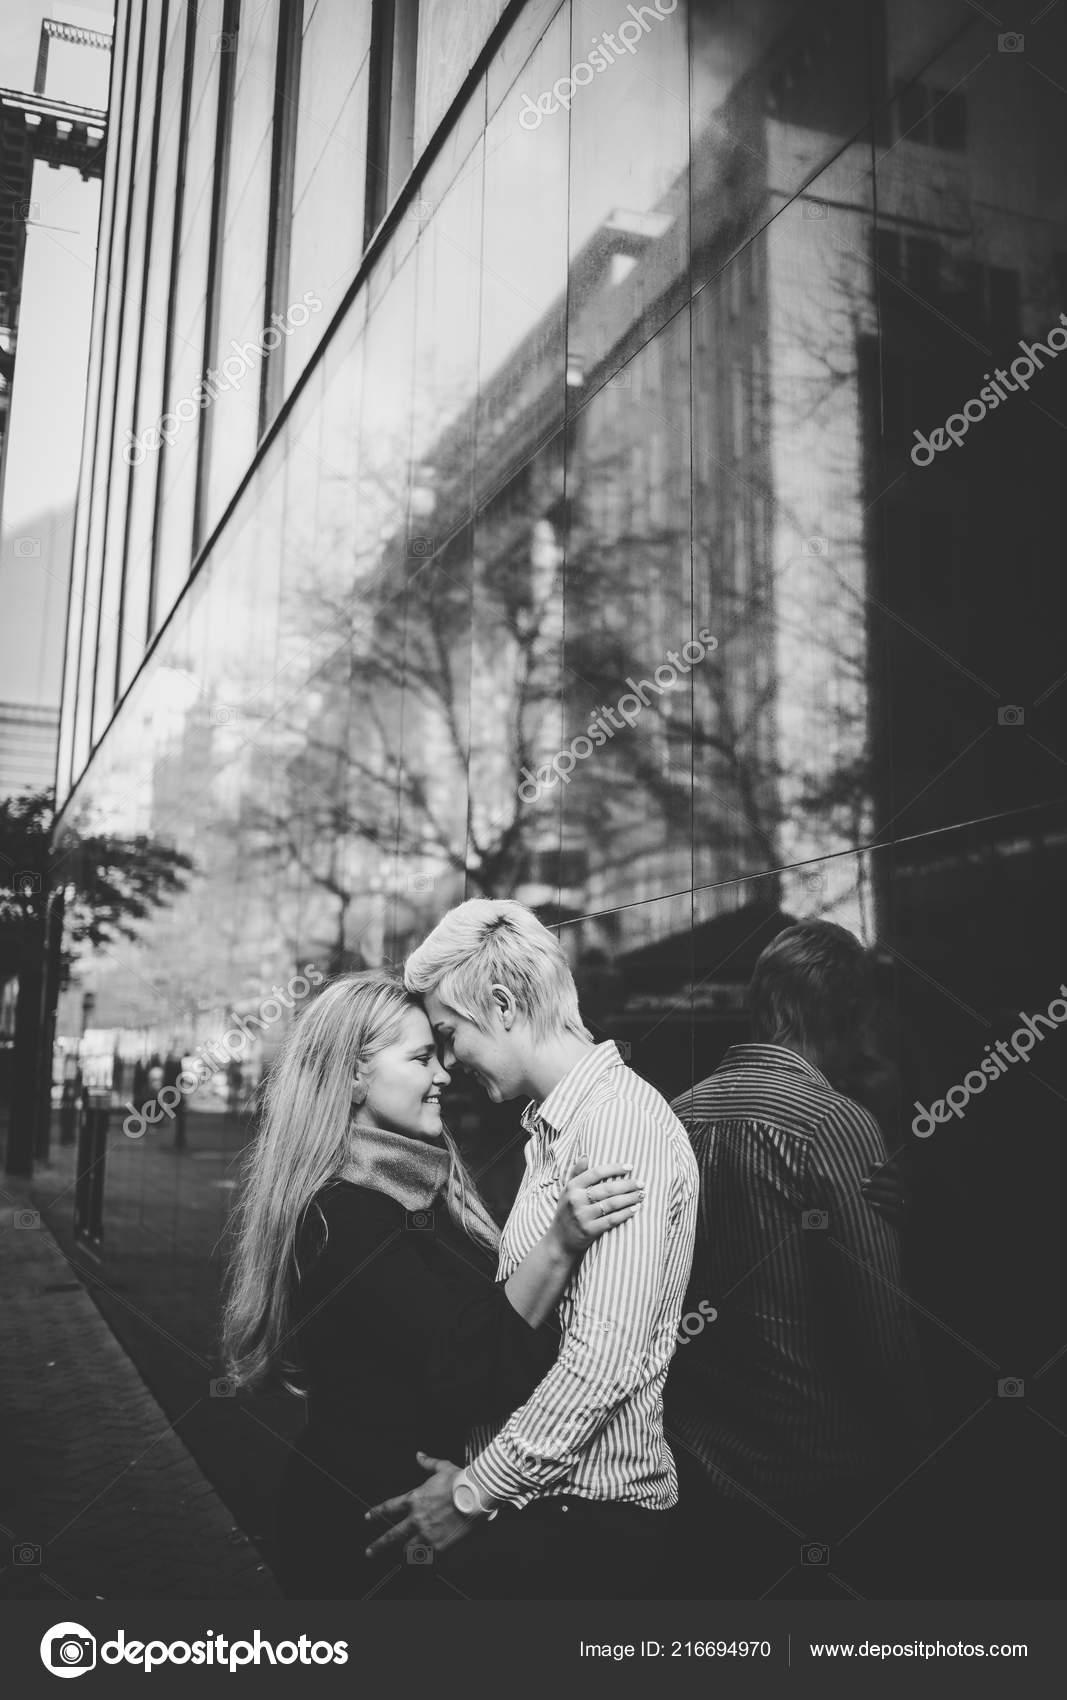 σεξ ζευγάρι μαύρο και άσπρο